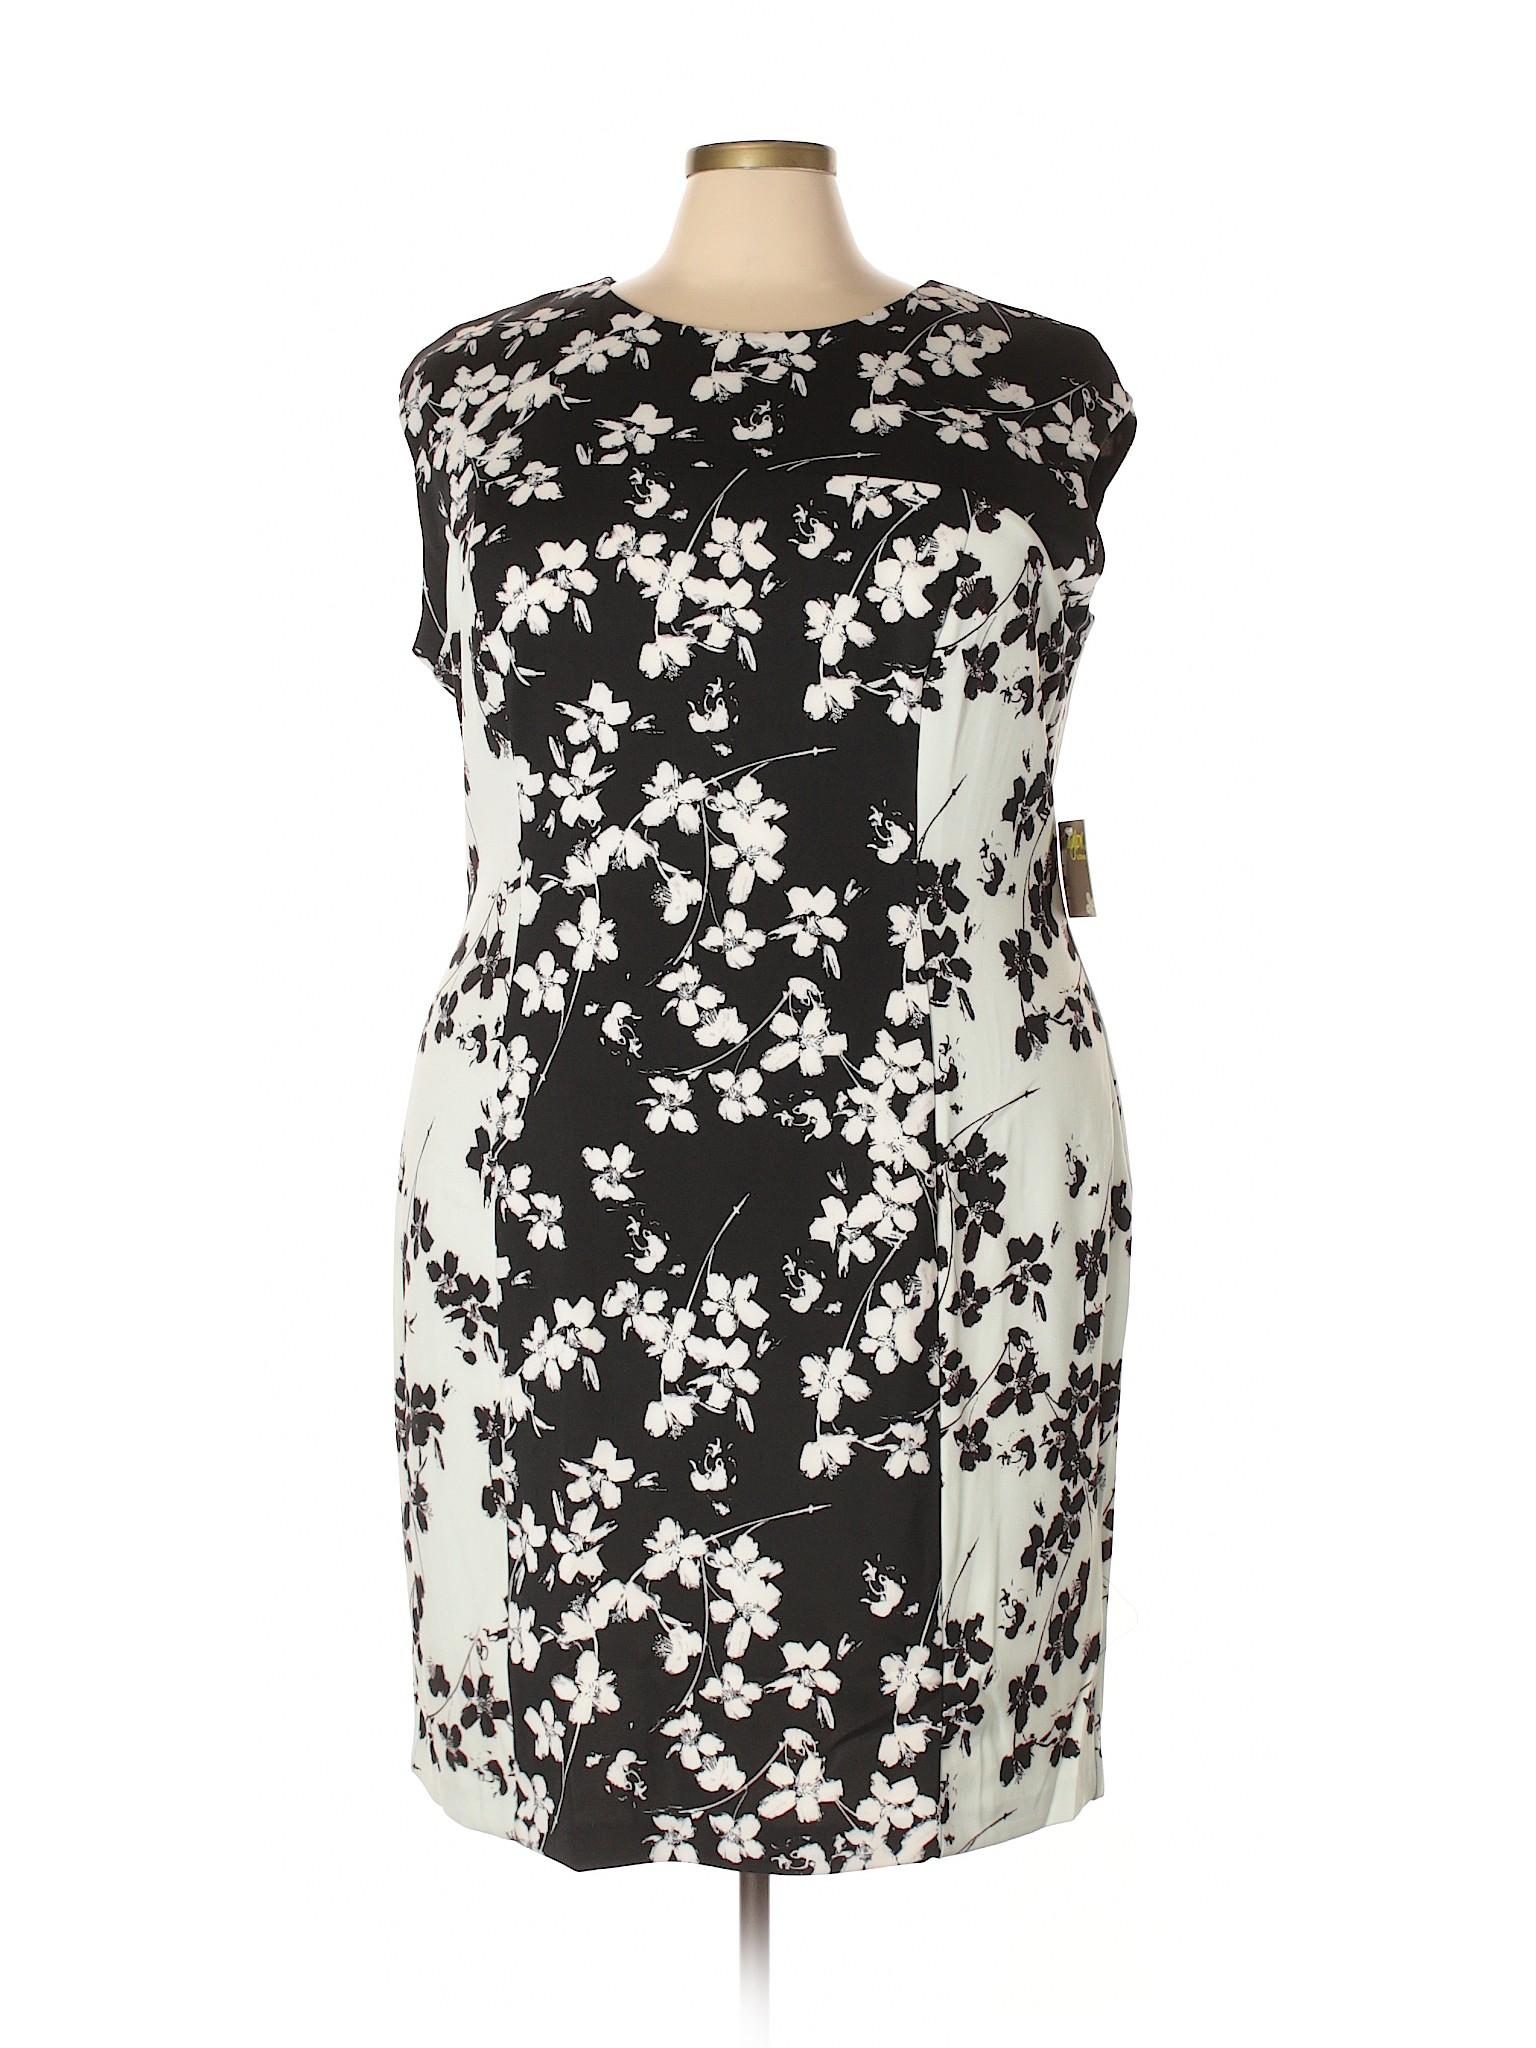 Dress Boutique Taylor Dress Boutique Casual winter Casual Taylor winter winter Boutique dqtHfcyd6